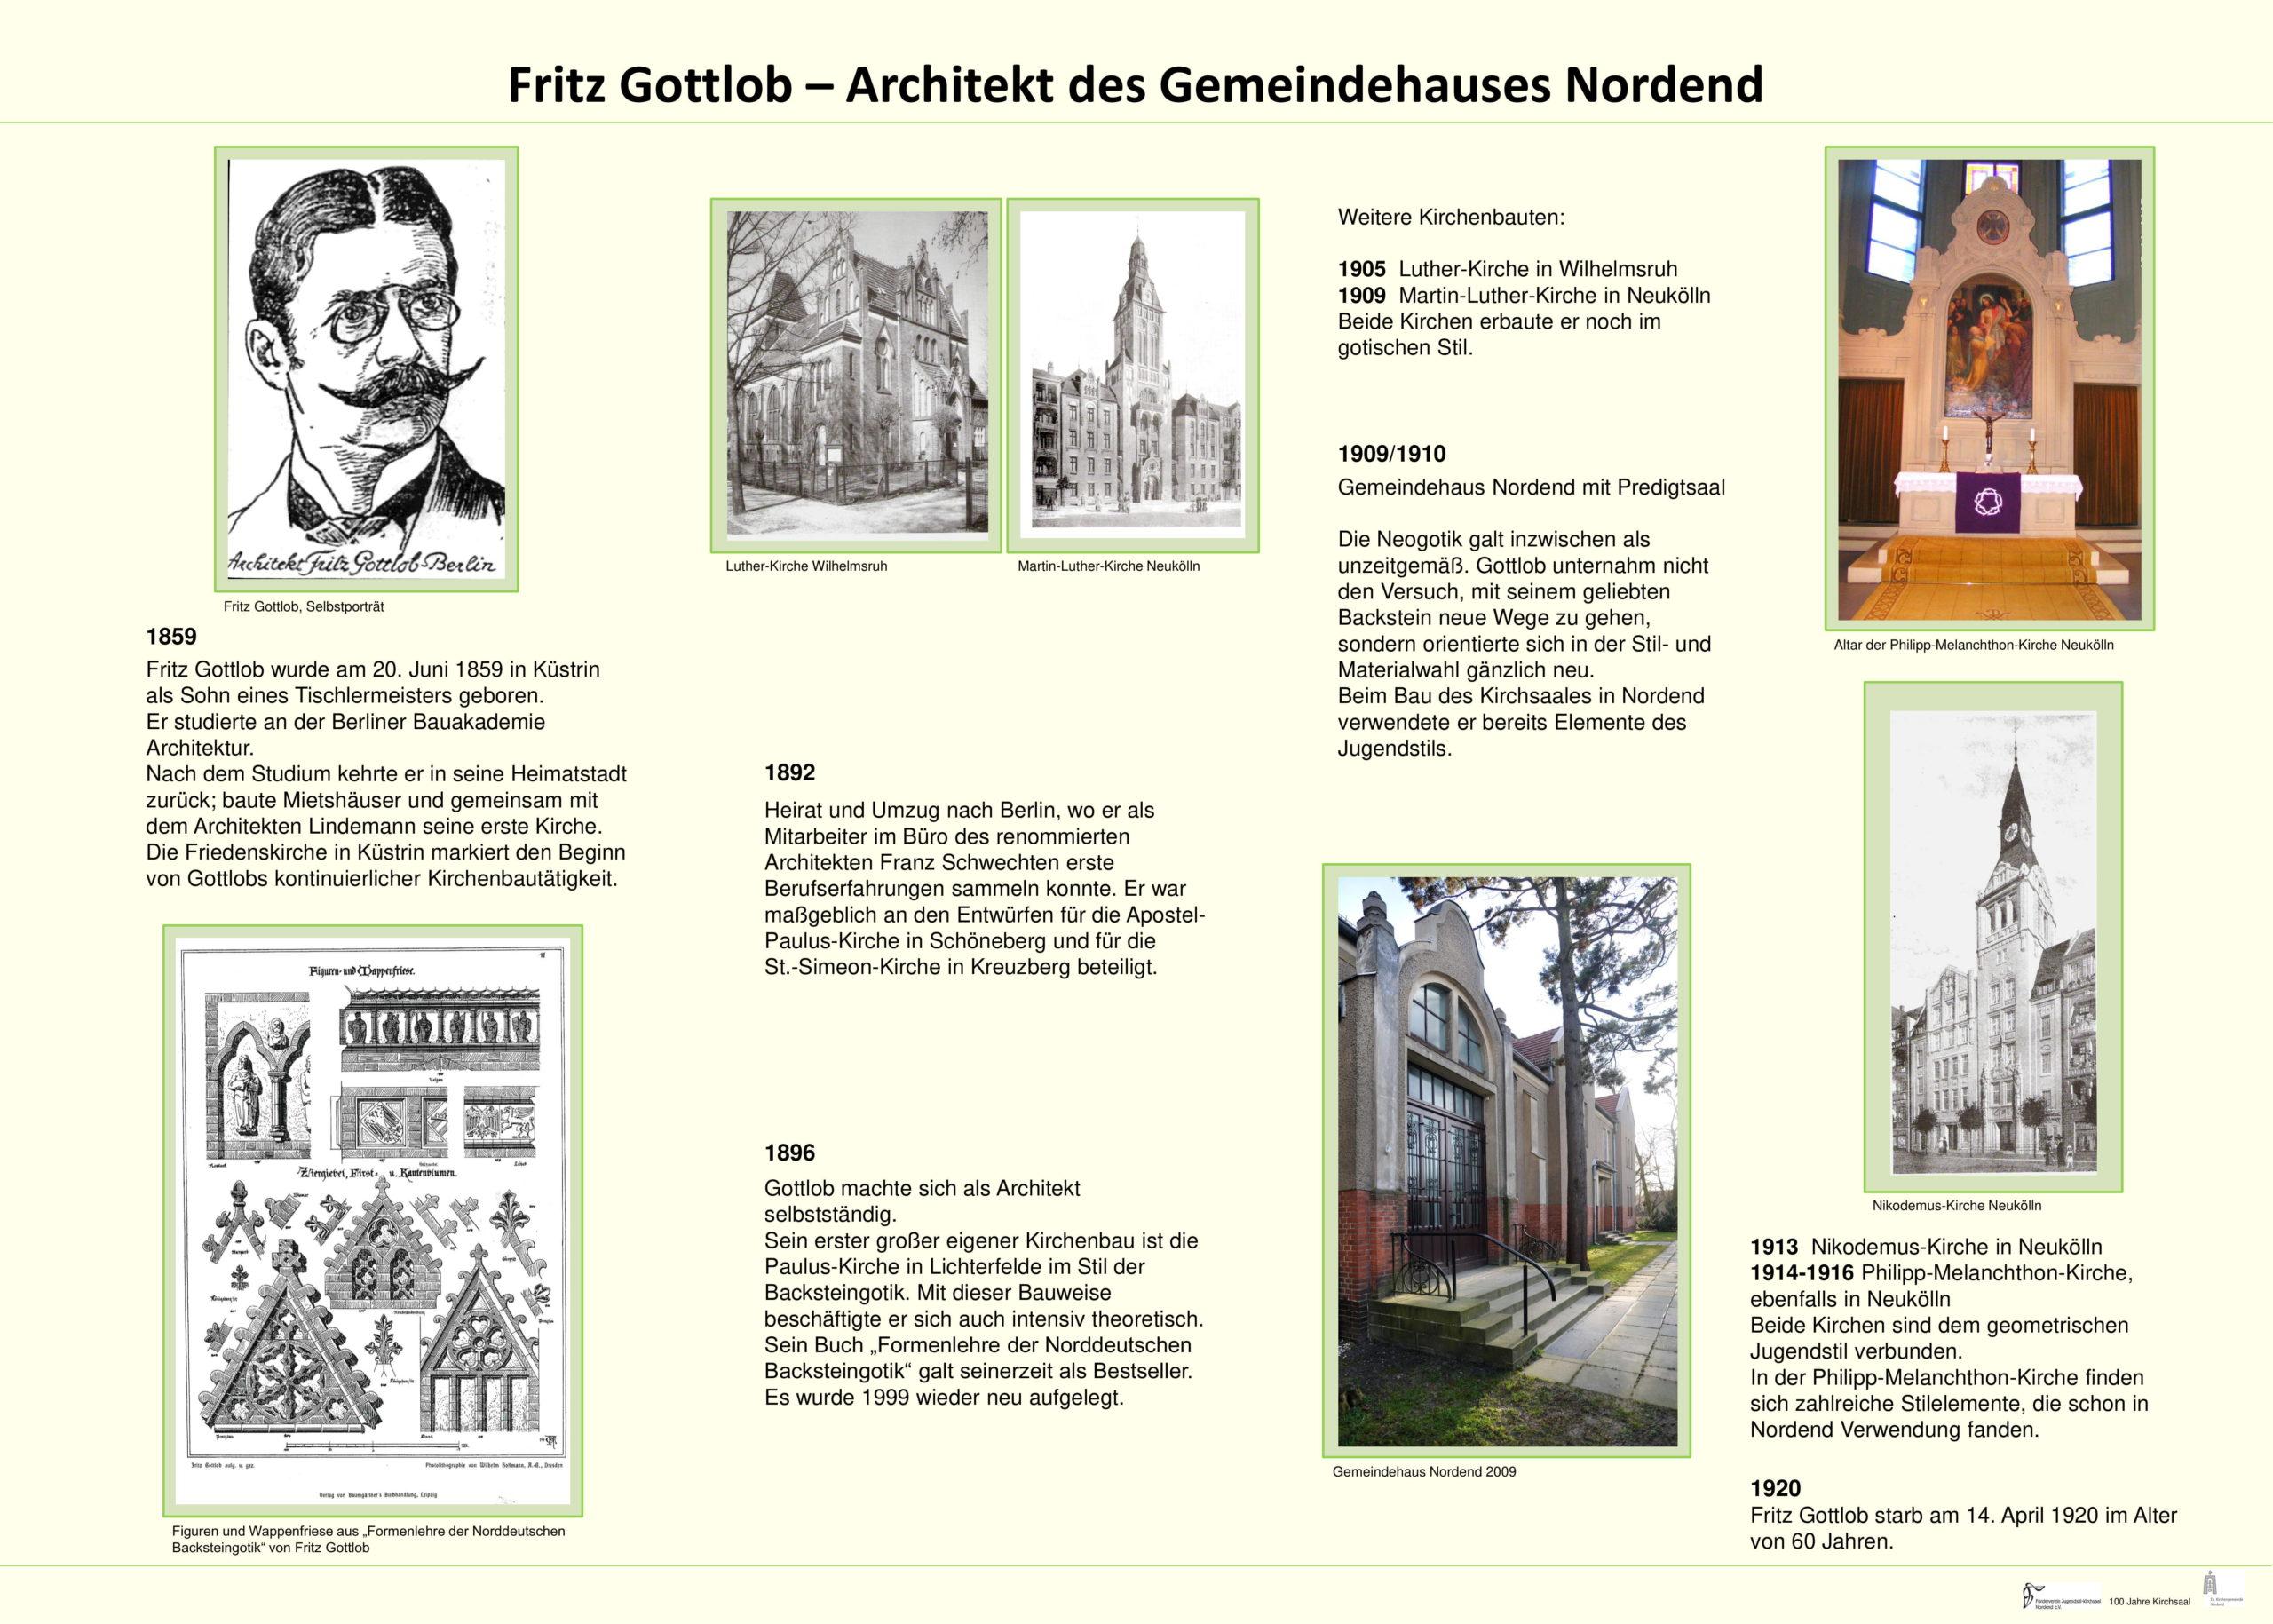 Fritz Gottlob – Architekt des Gemeindehauses Nordend